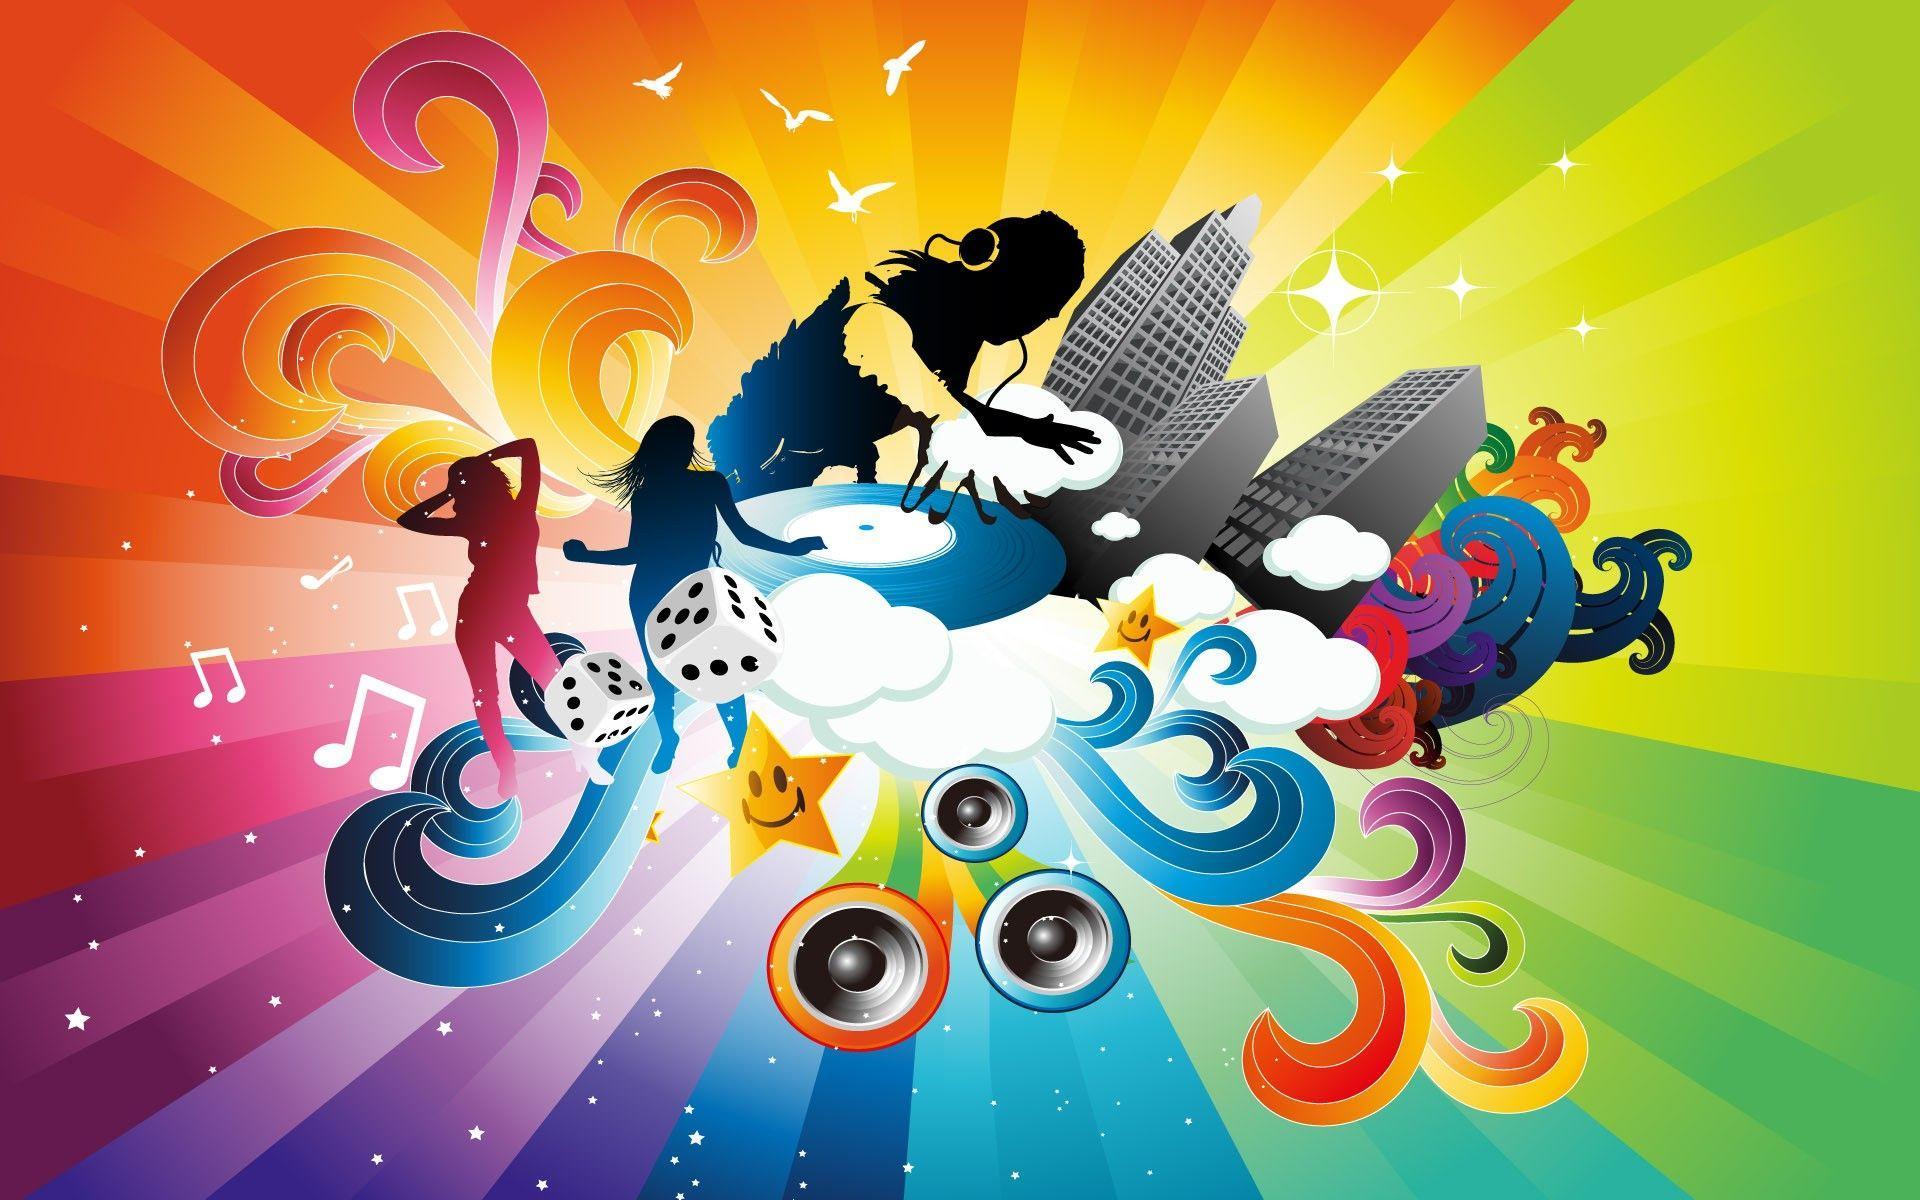 Music Abstract Art Wallpaper